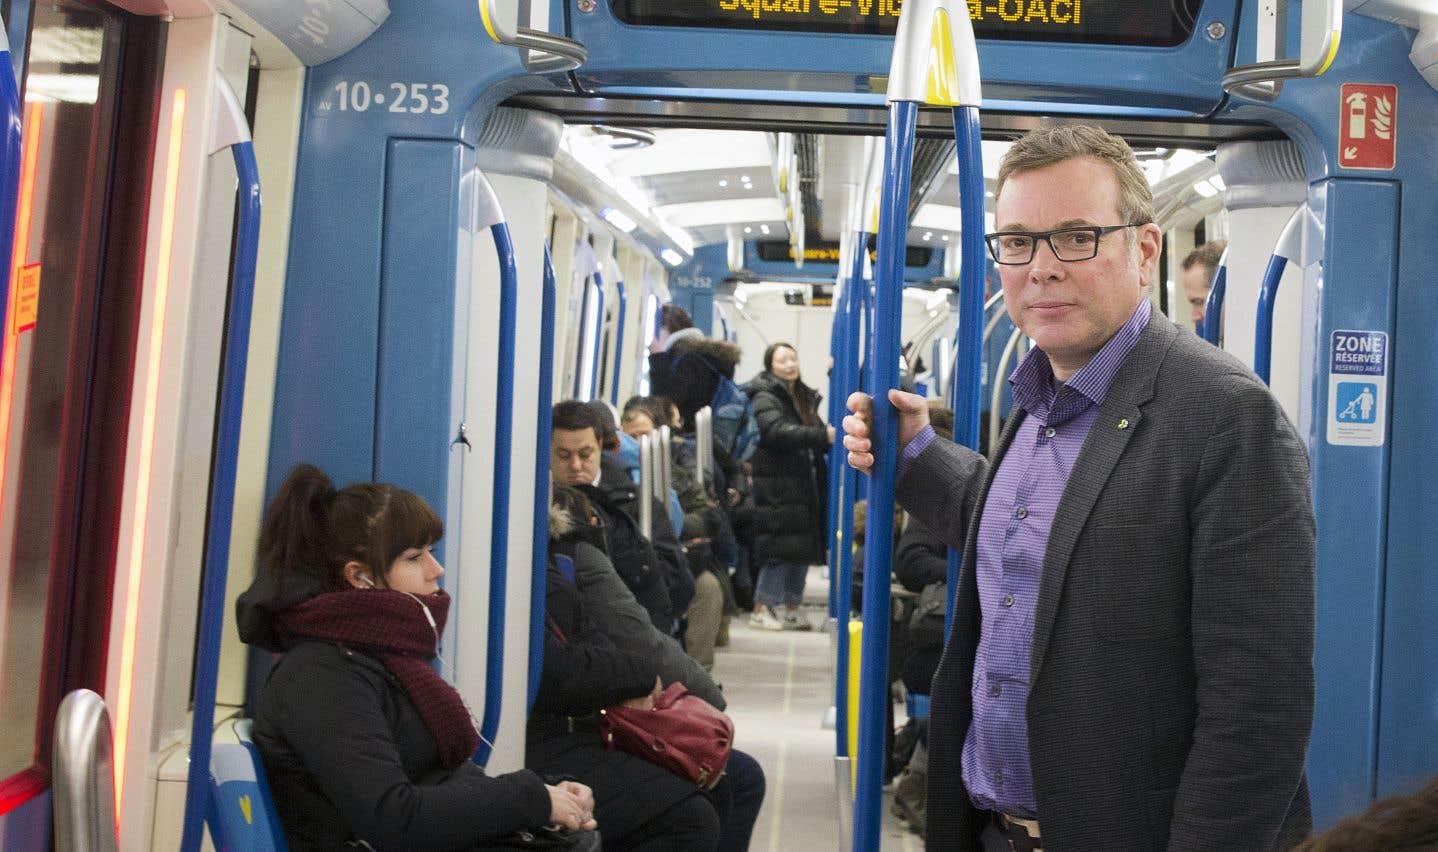 ll faut tout faire pour réduire le nombre d'arrêts de service dans le métro, martèle Philippe Schnobb en entrevue au «Devoir».